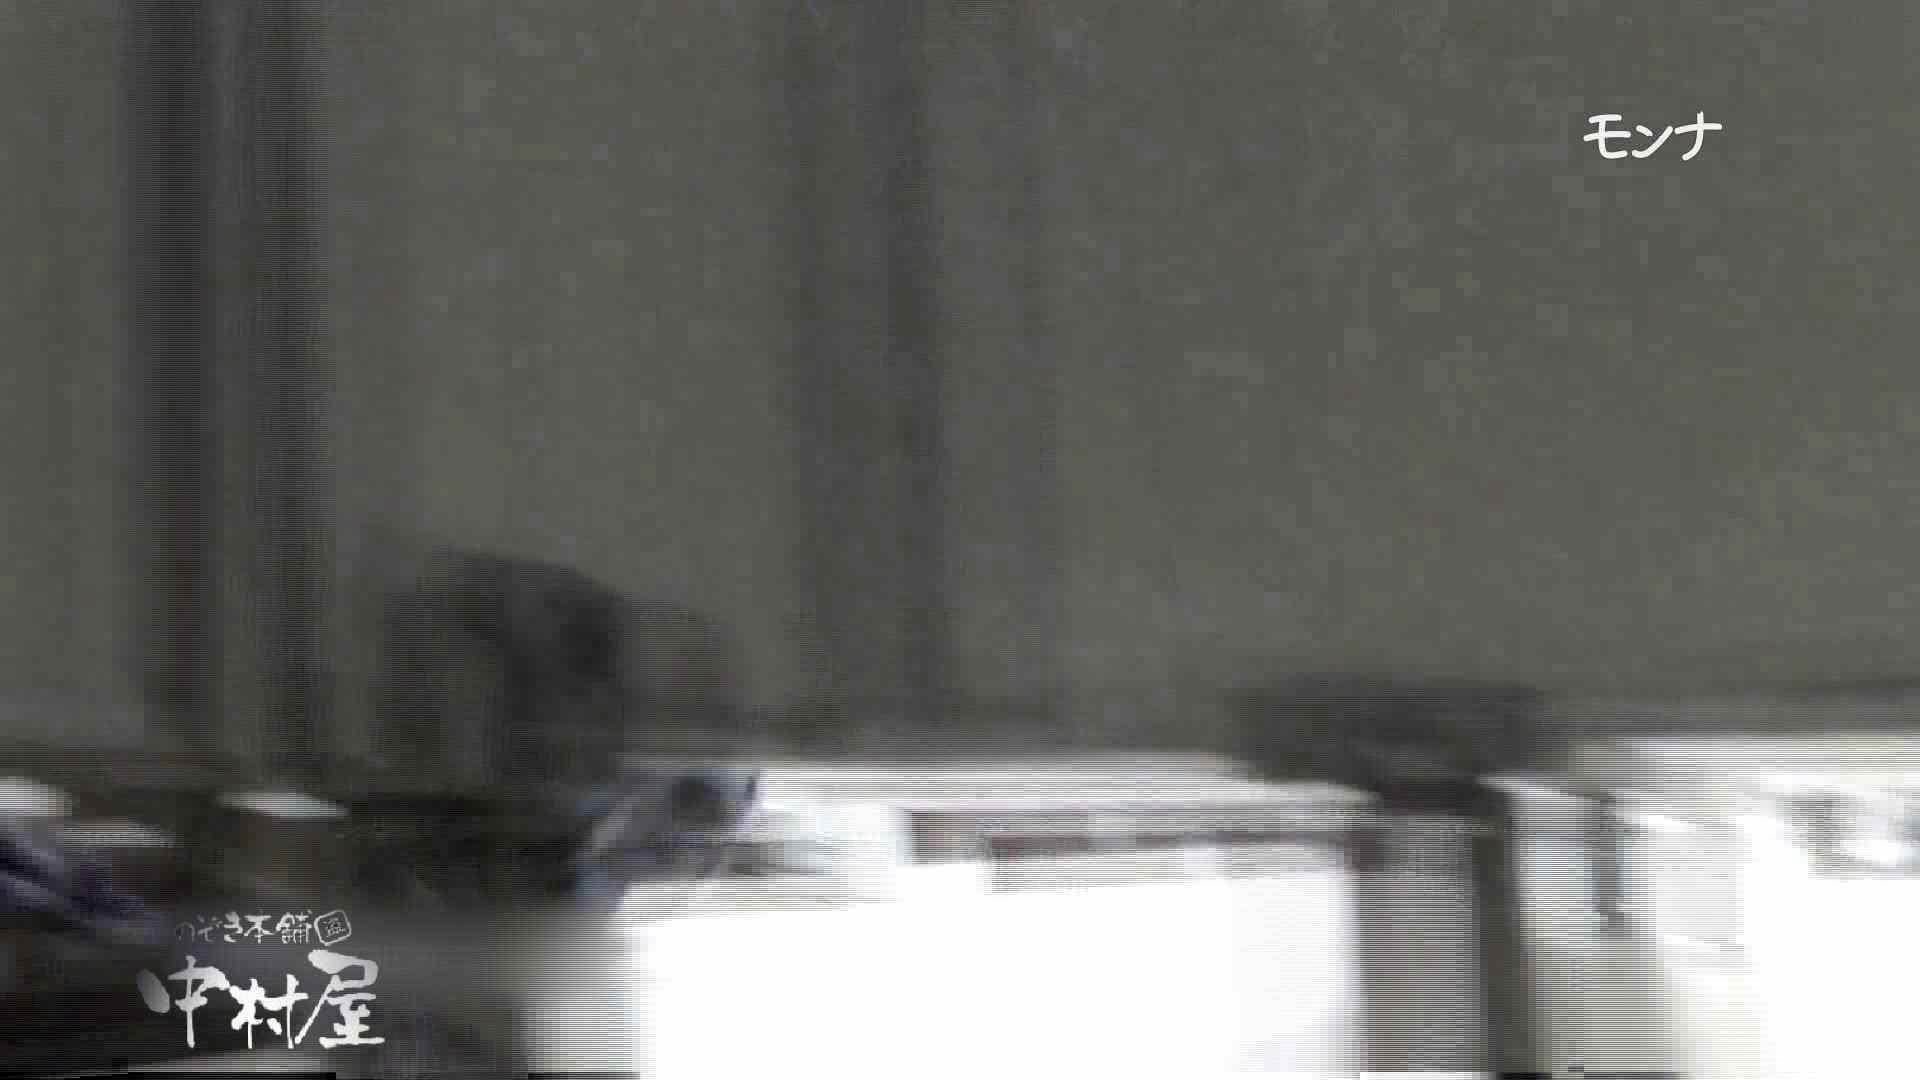 【美しい日本の未来】遂に!!戸田恵梨香似の予告モデル登場ダッシュで「大」前編 おまんこ見放題 | 盗撮シリーズ  75PIX 11